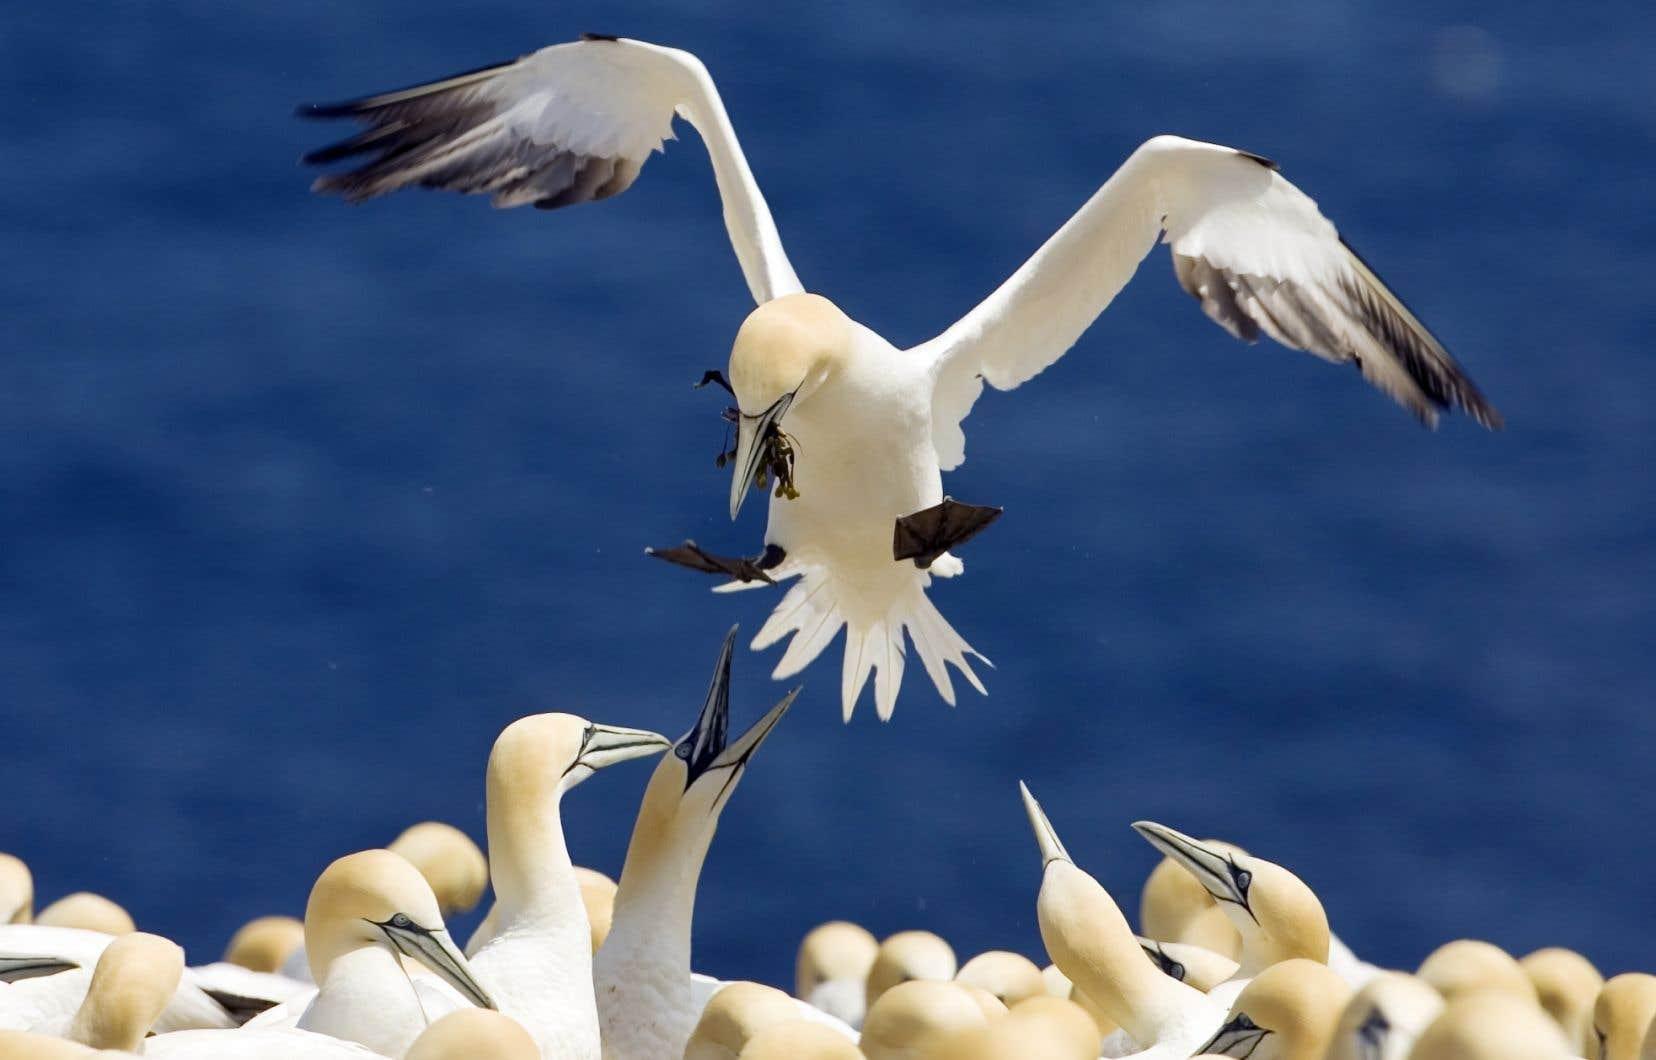 Des facteurs environnementaux sont probablement responsables de la chute des taux de reproduction des fous de Bassan de l'île Bonaventure.